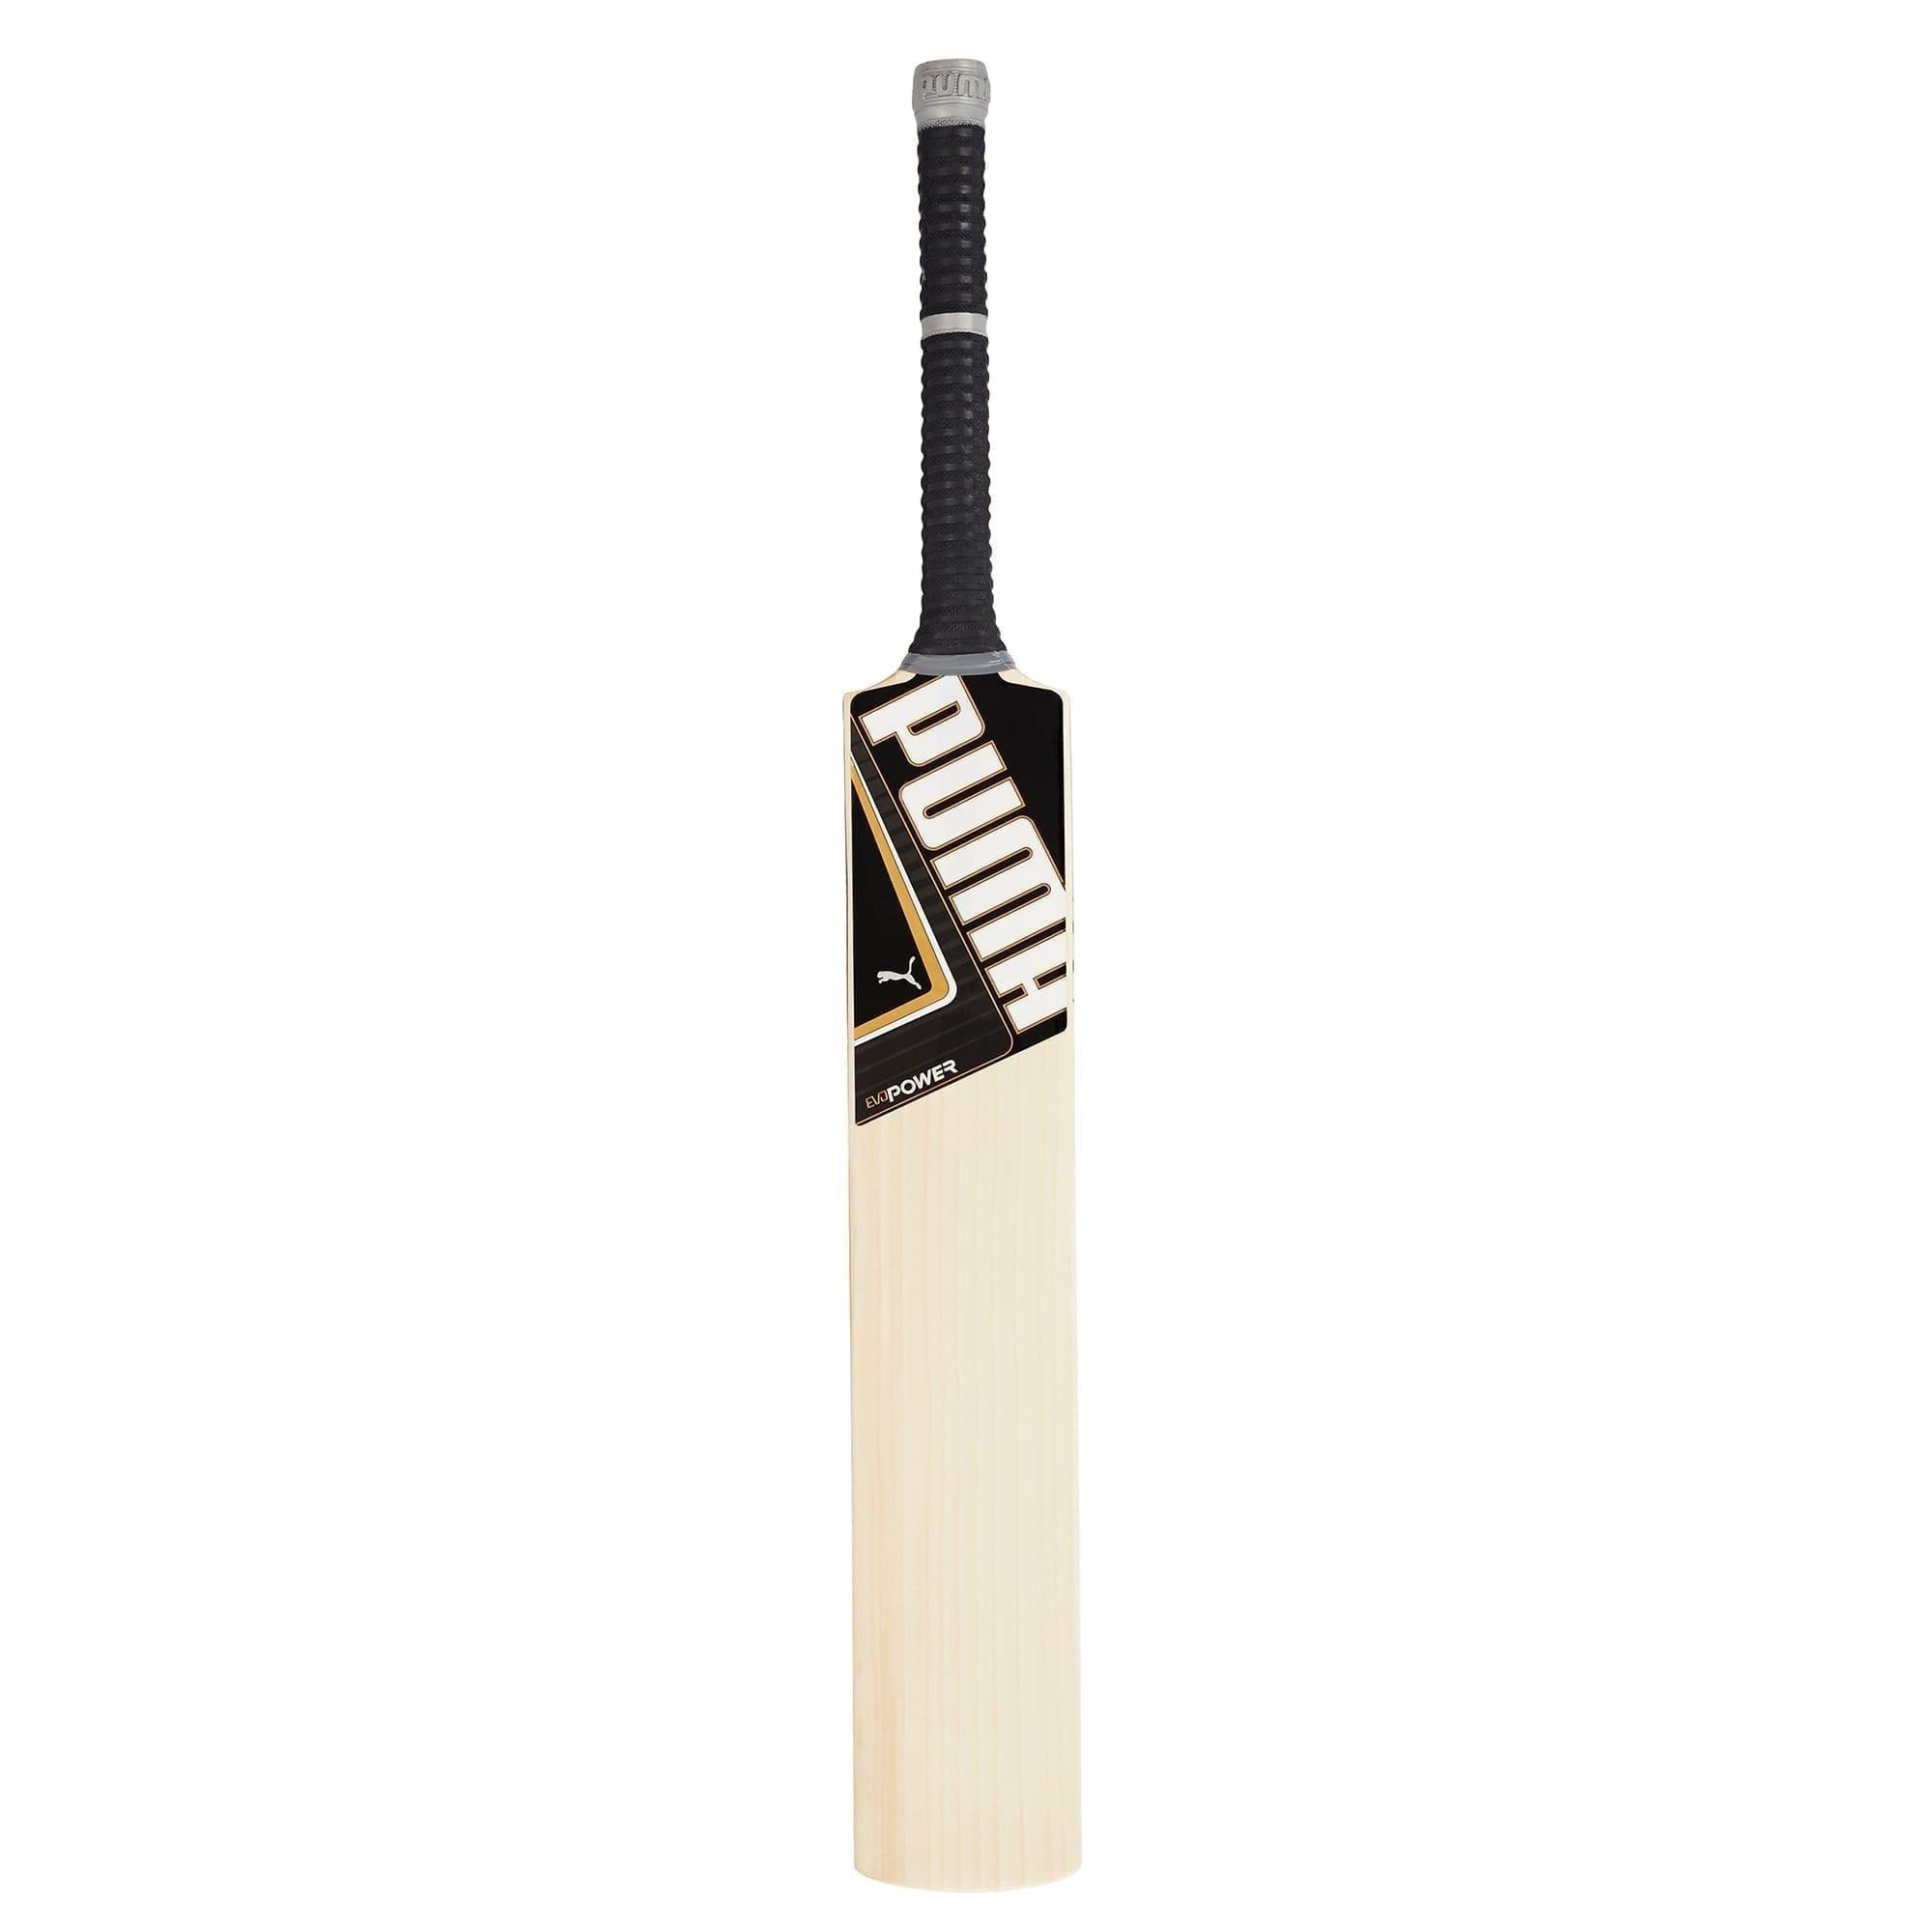 Puma bat evoPower 1 Black Edition - All Cricket Gear 3f2800813